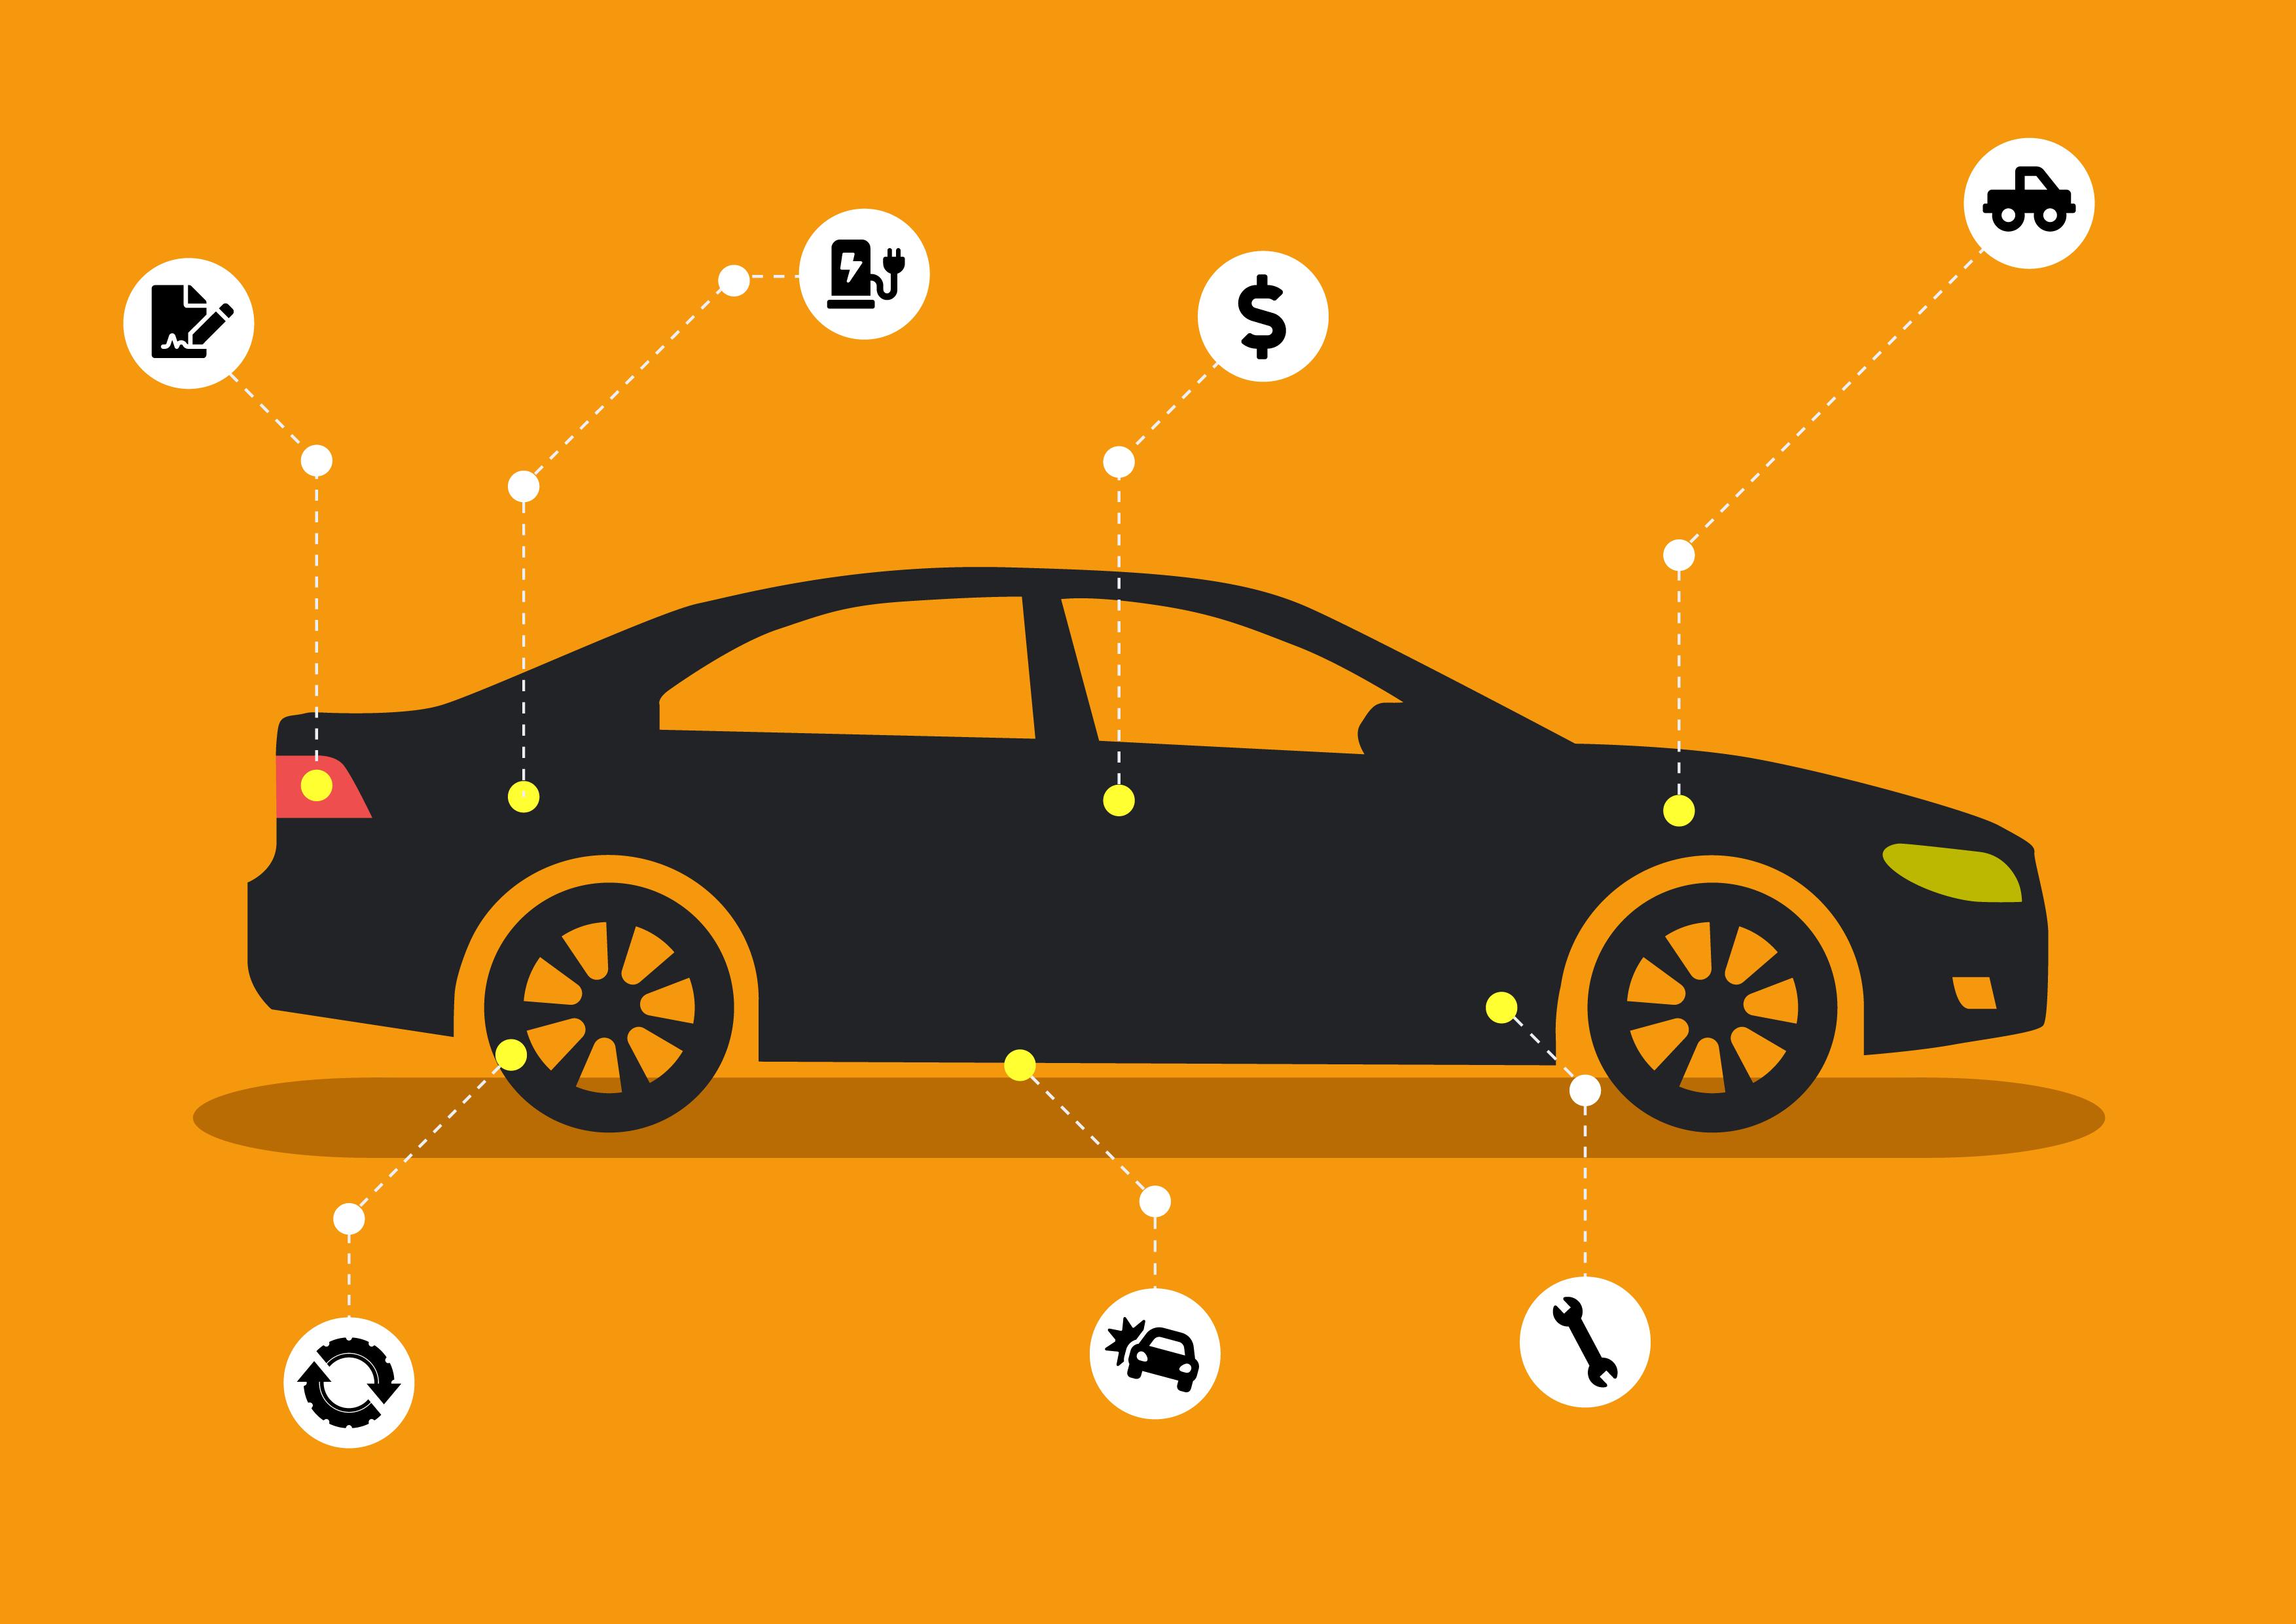 en-tecknad-bil-med-symboler